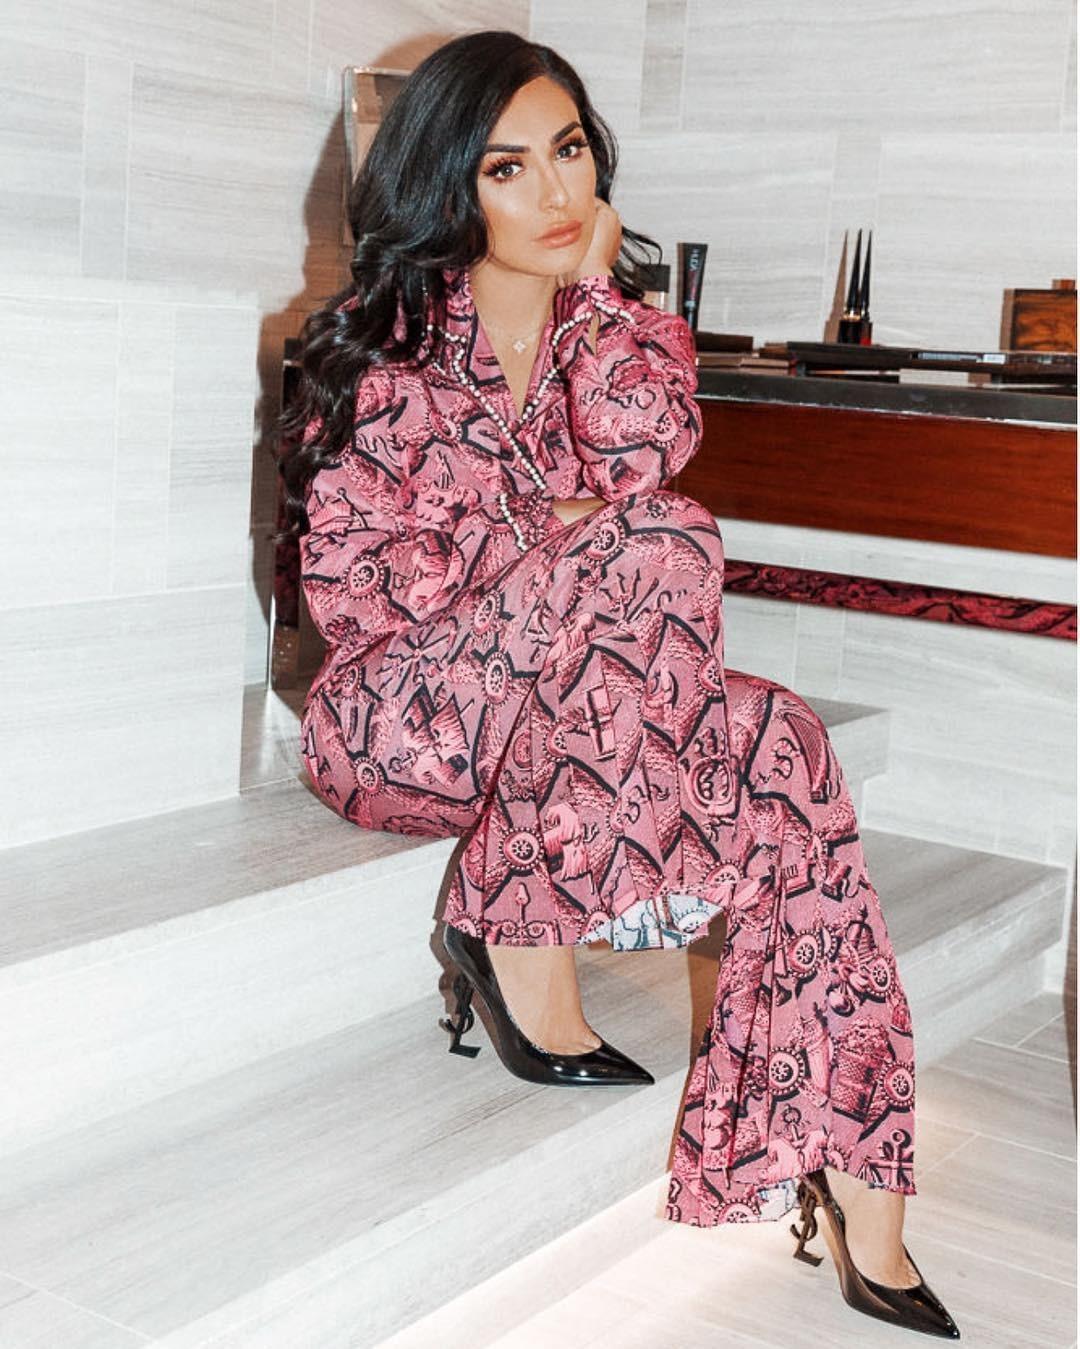 Худа Каттан - двойник Ким Кардашьян